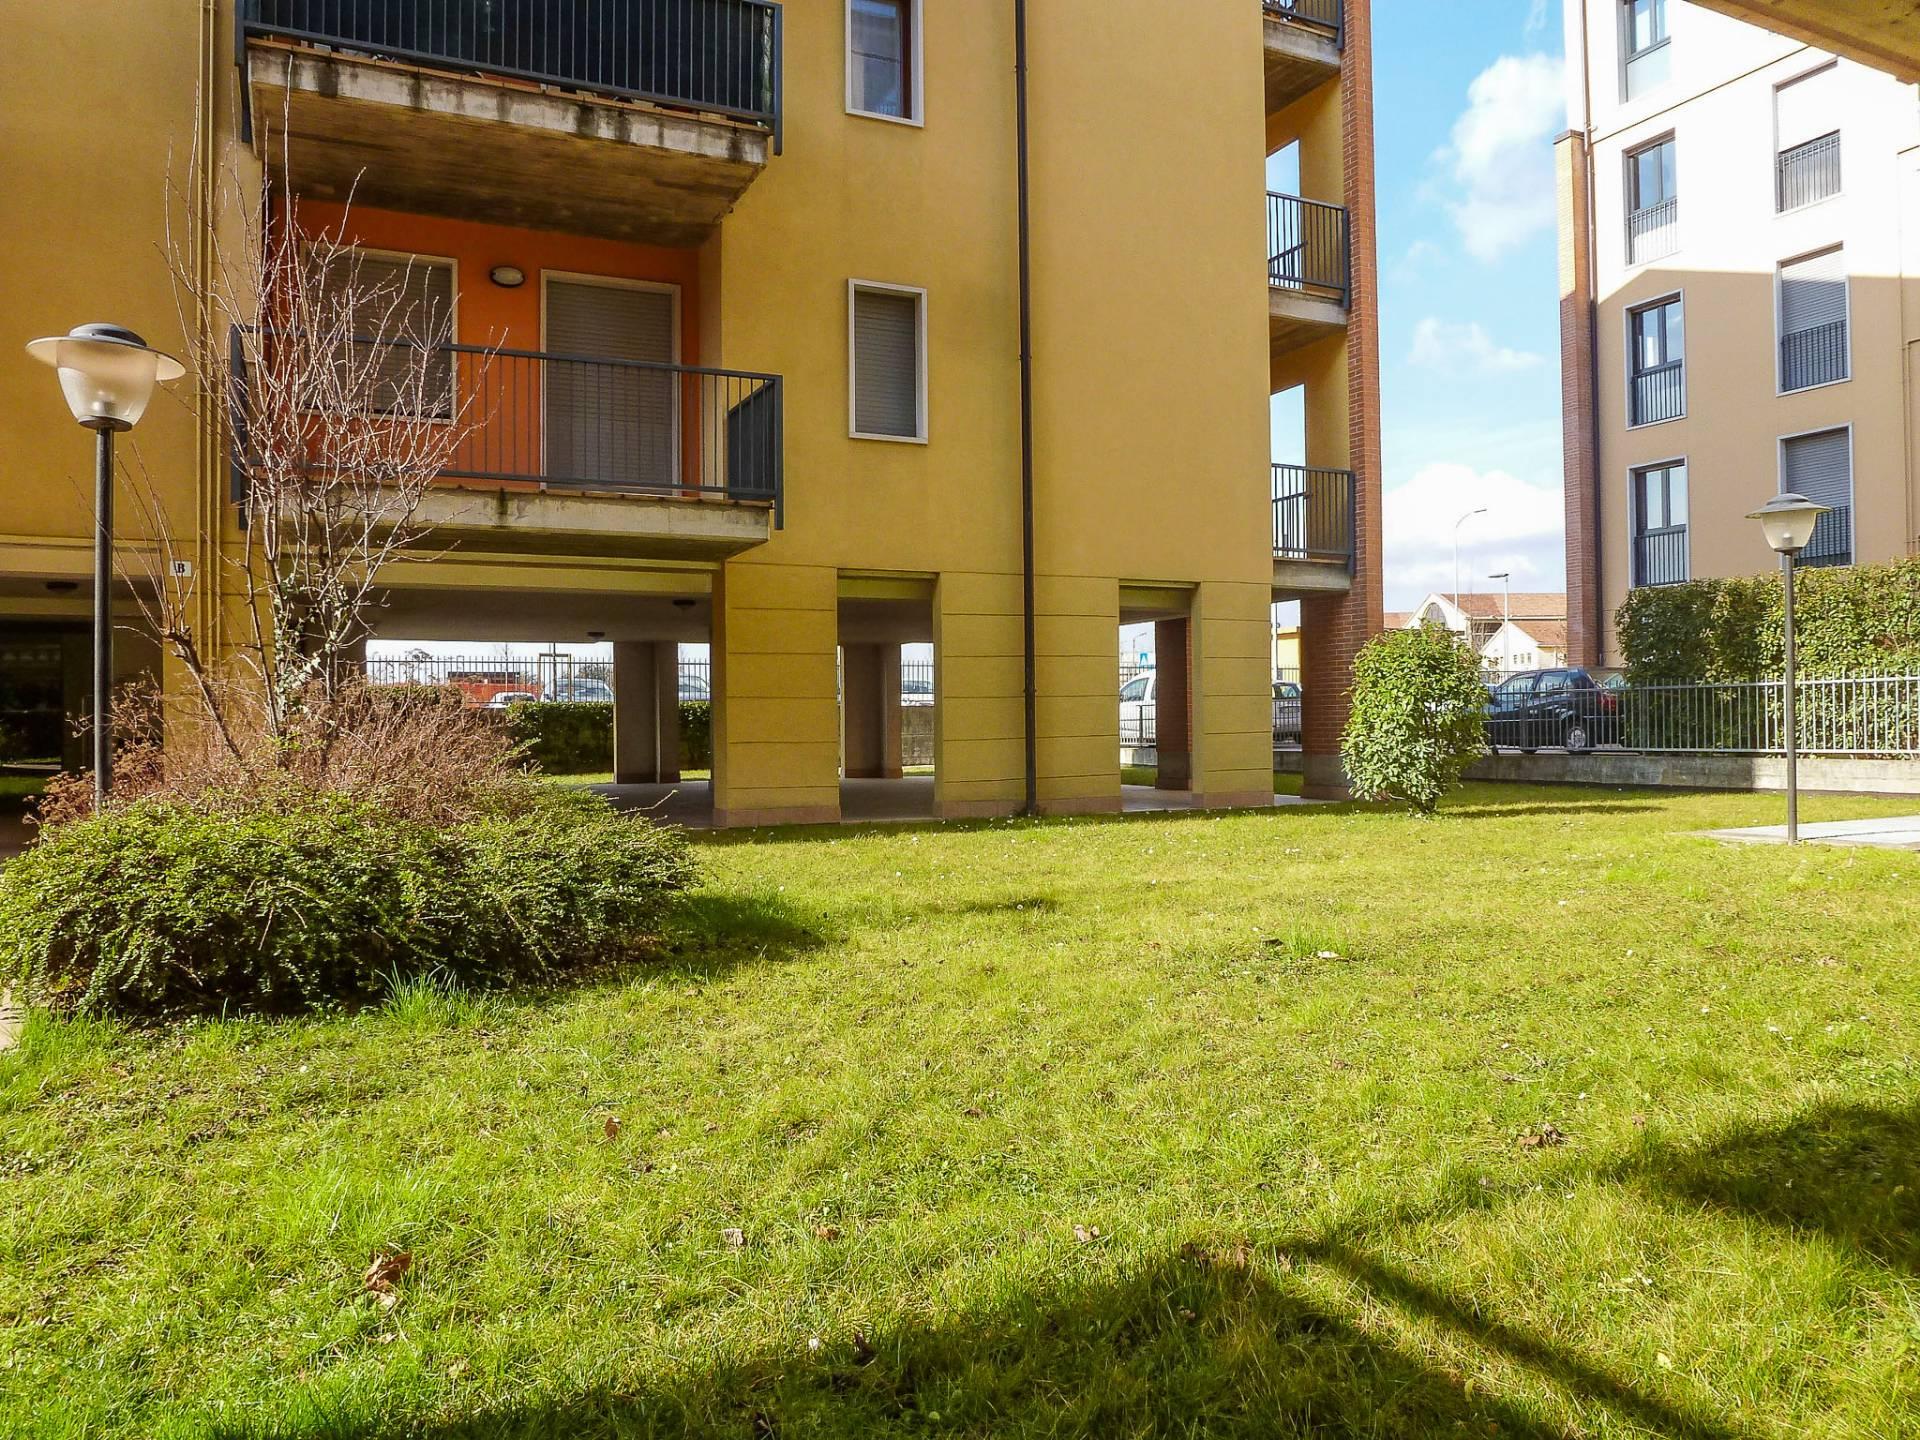 Appartamento in Vendita a Verona Semicentro Sud: 2 locali, 65 mq